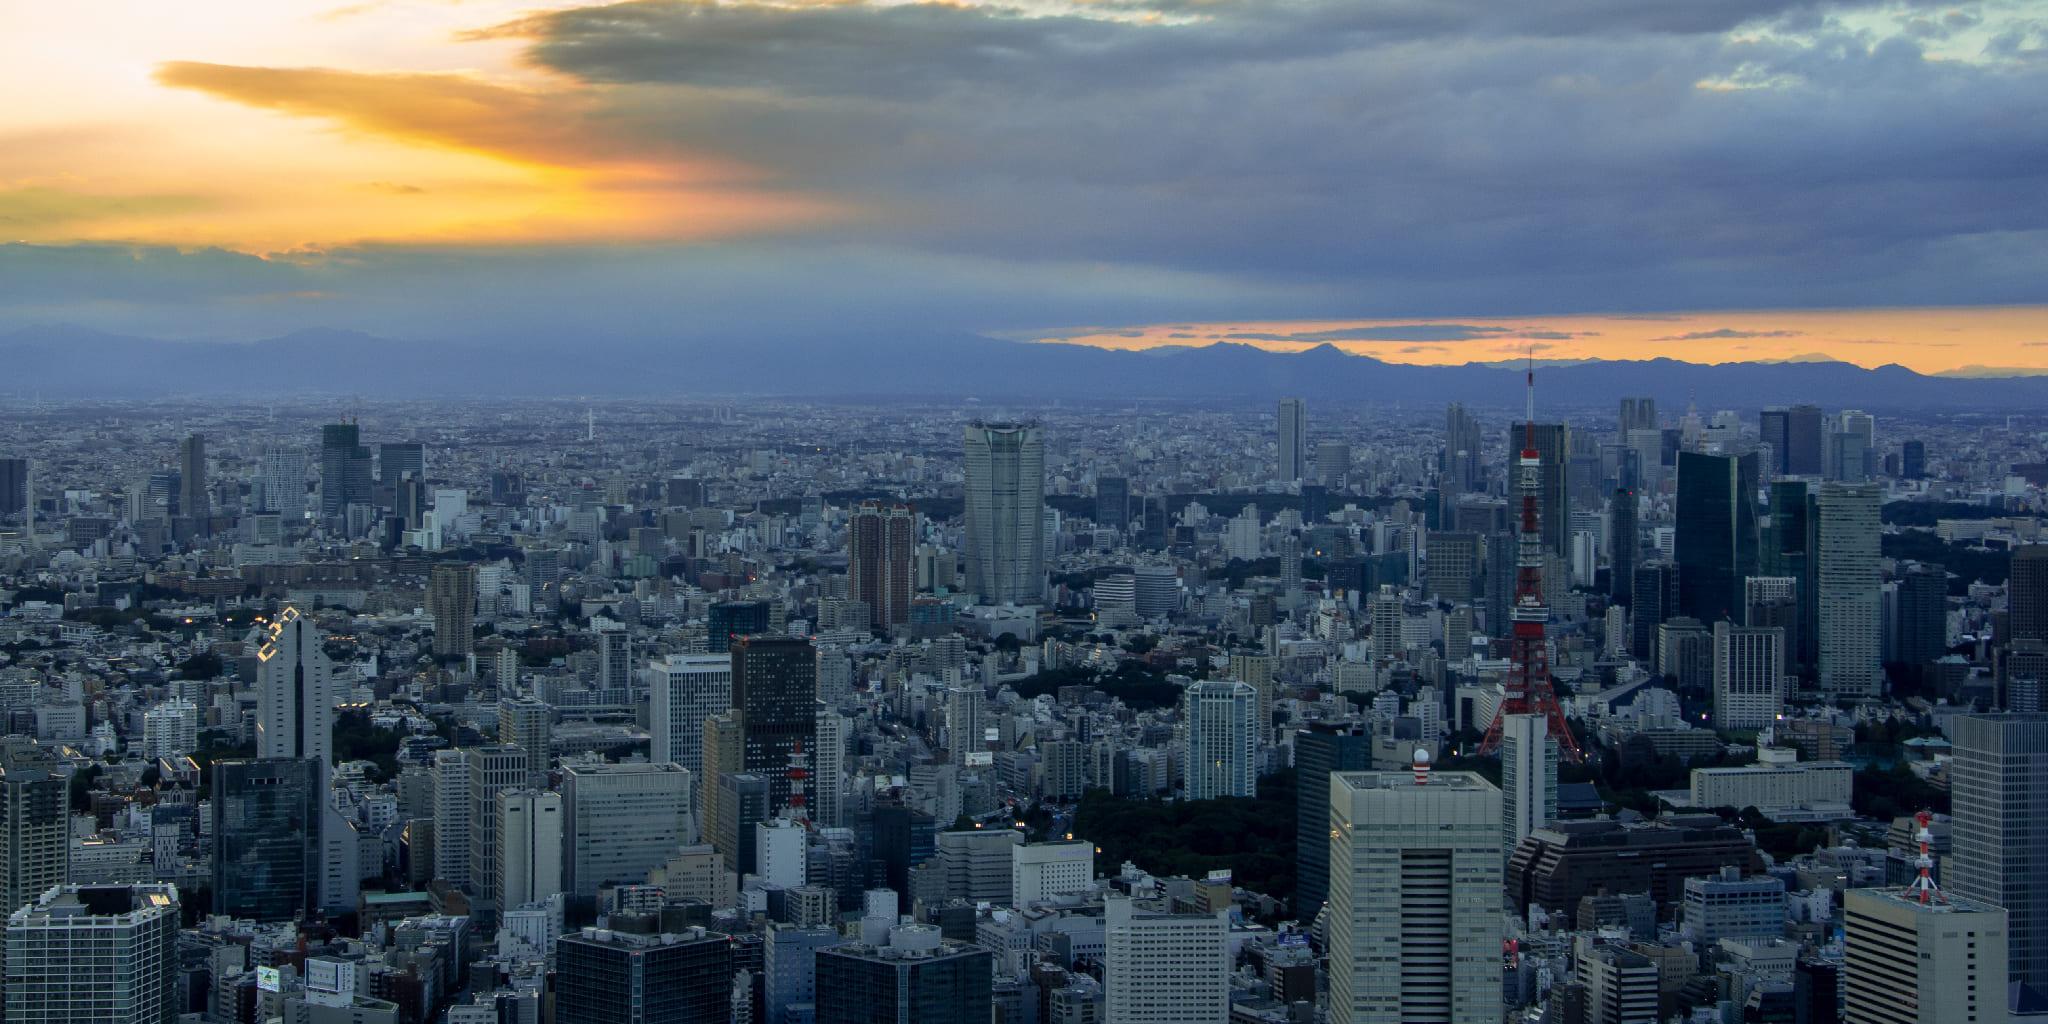 ヘリコプターで東京上空から見る夕焼けの六本木